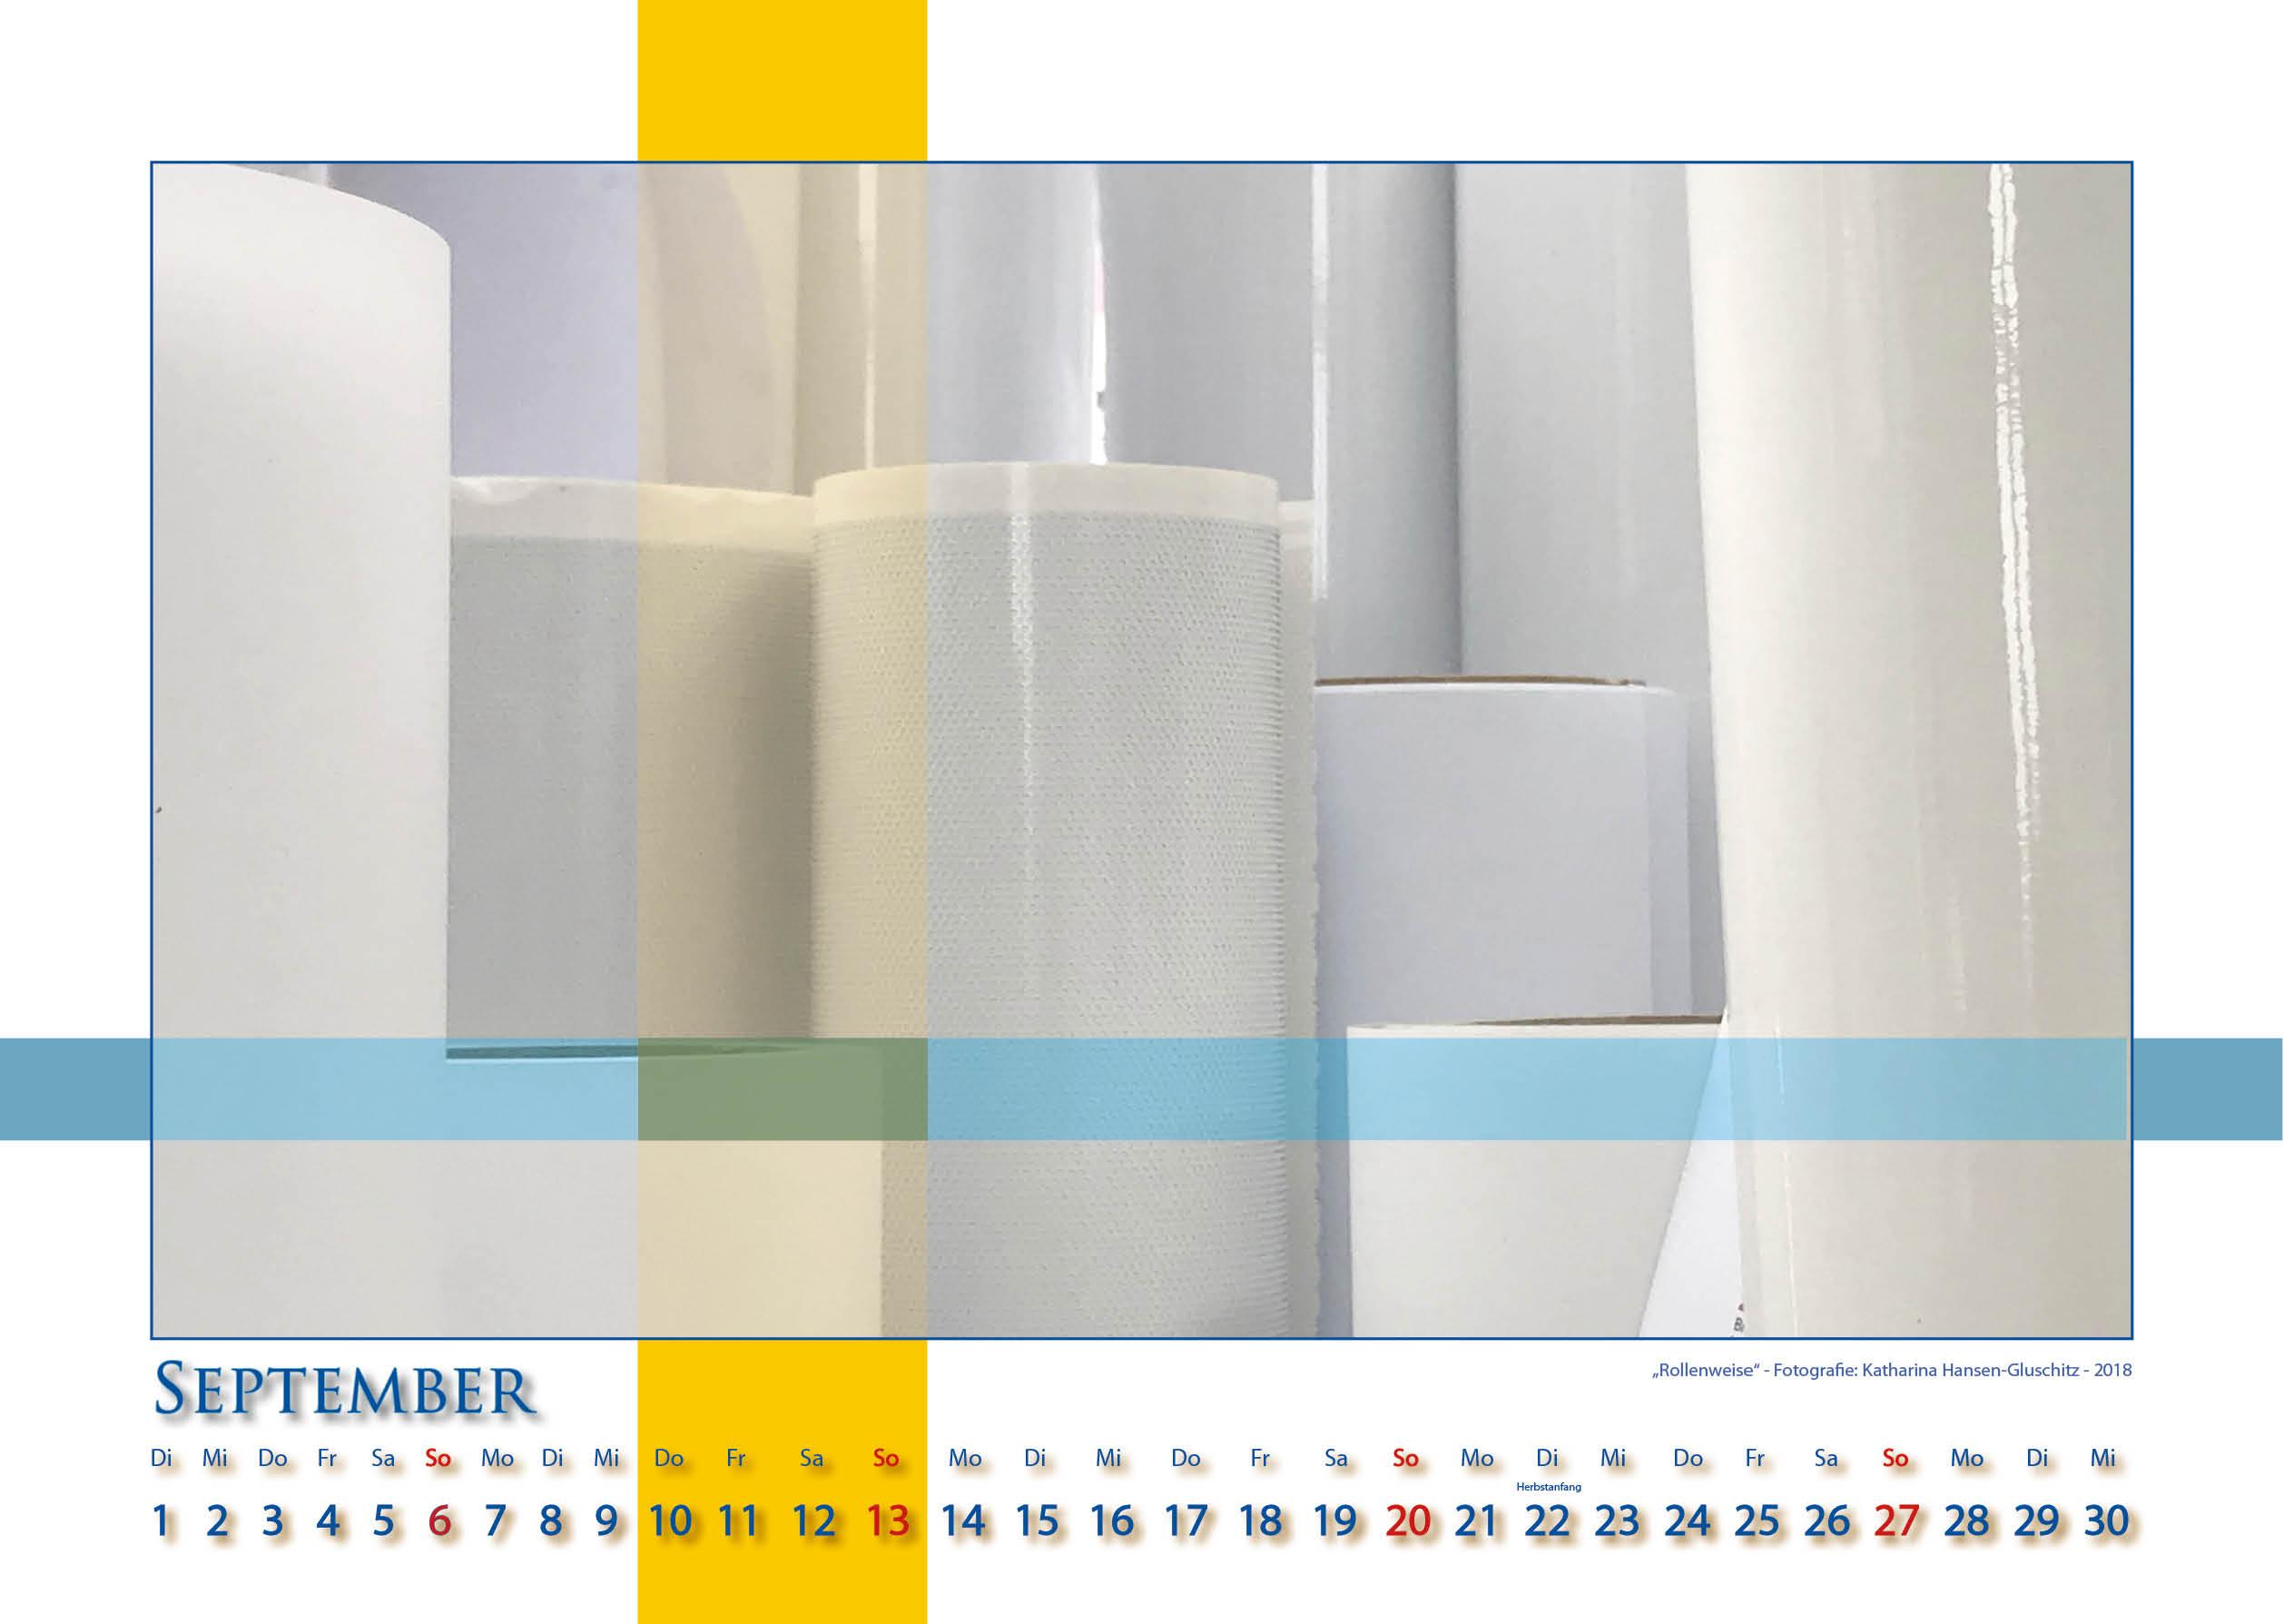 Rollenweise - Strukturen - Kalender 2020 © Katharina Hansen-Gluschitz